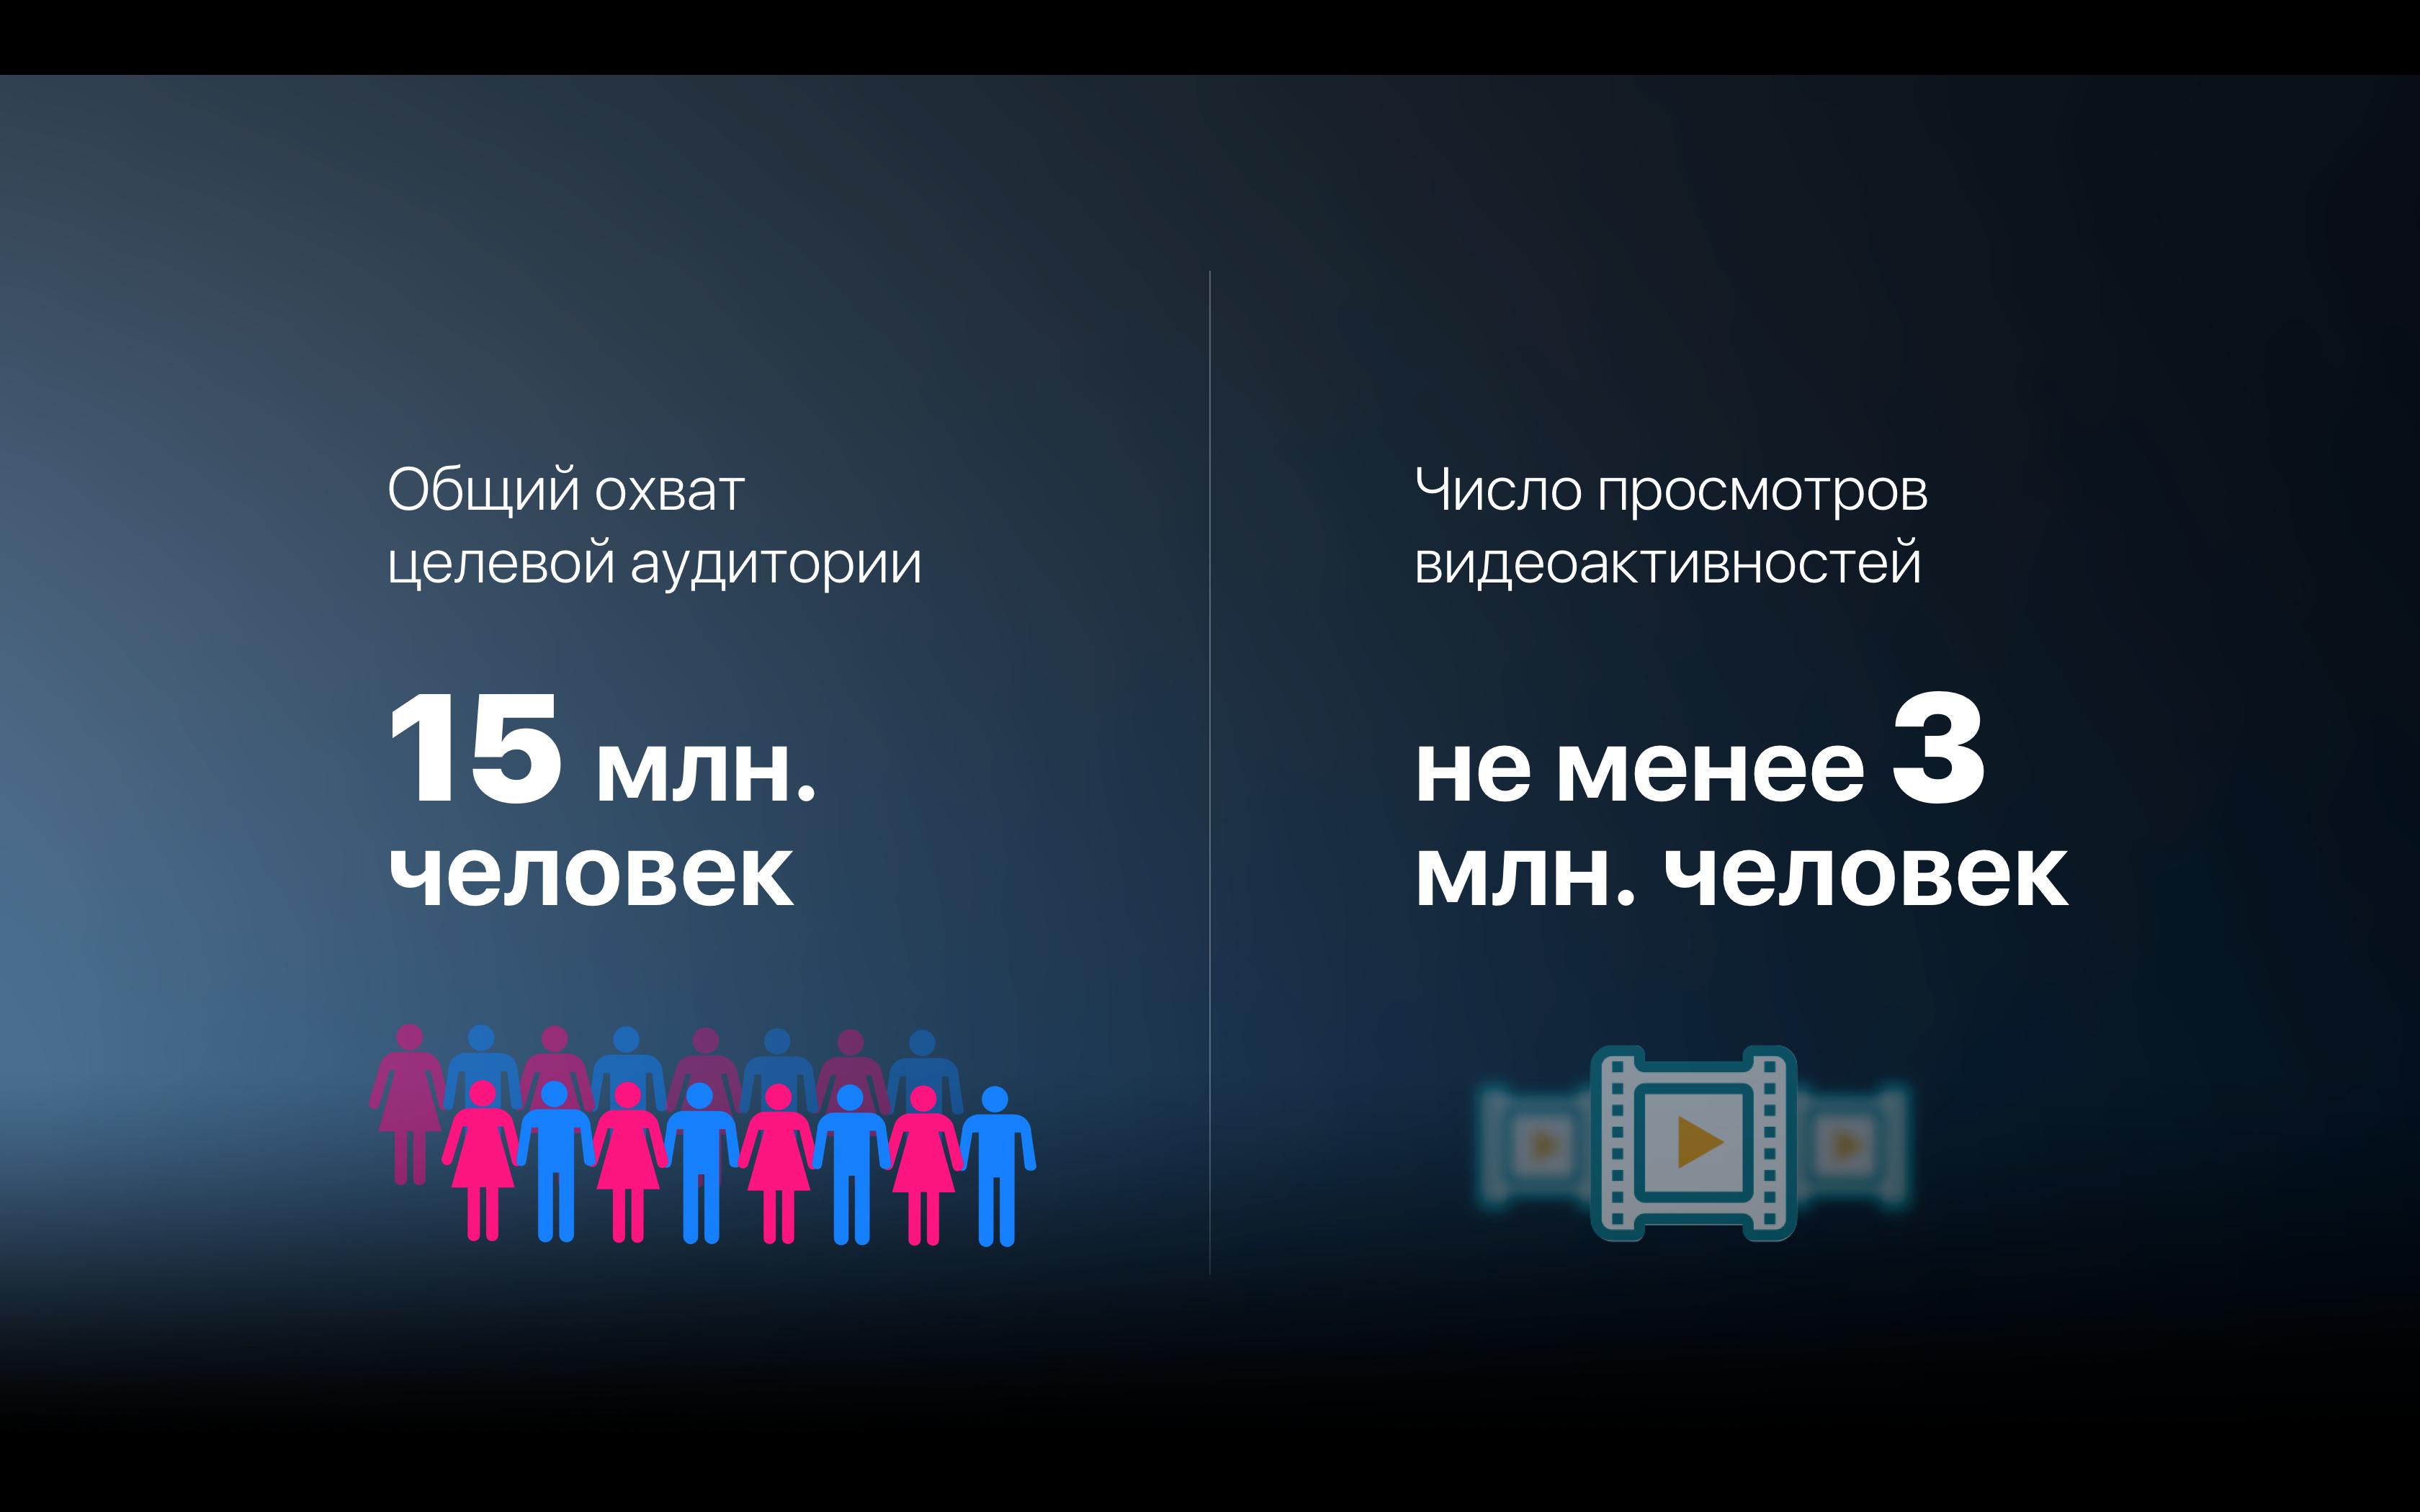 Презентация для рекламной кампании агентства Селфи - по фильму Несокрушимый (2018)